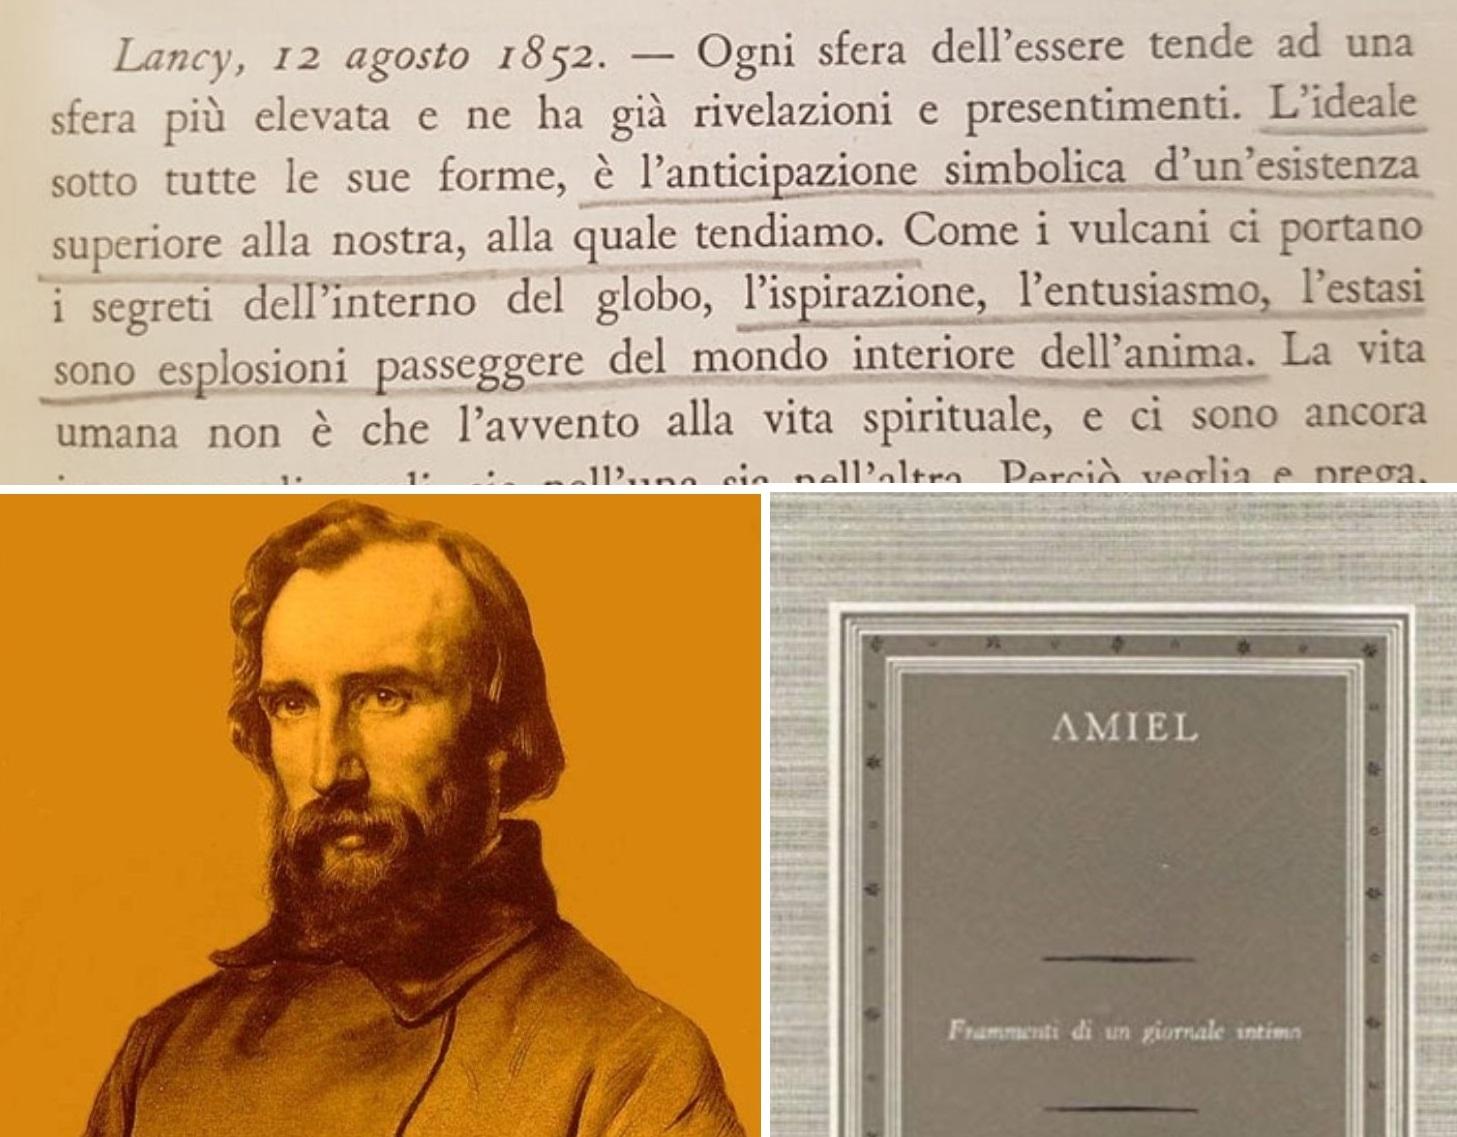 """""""Diario intimo"""" di Henri-Frédéric Amiel: l'uomo d'ingegno e l'uomo di genio – agosto 1852/1859"""